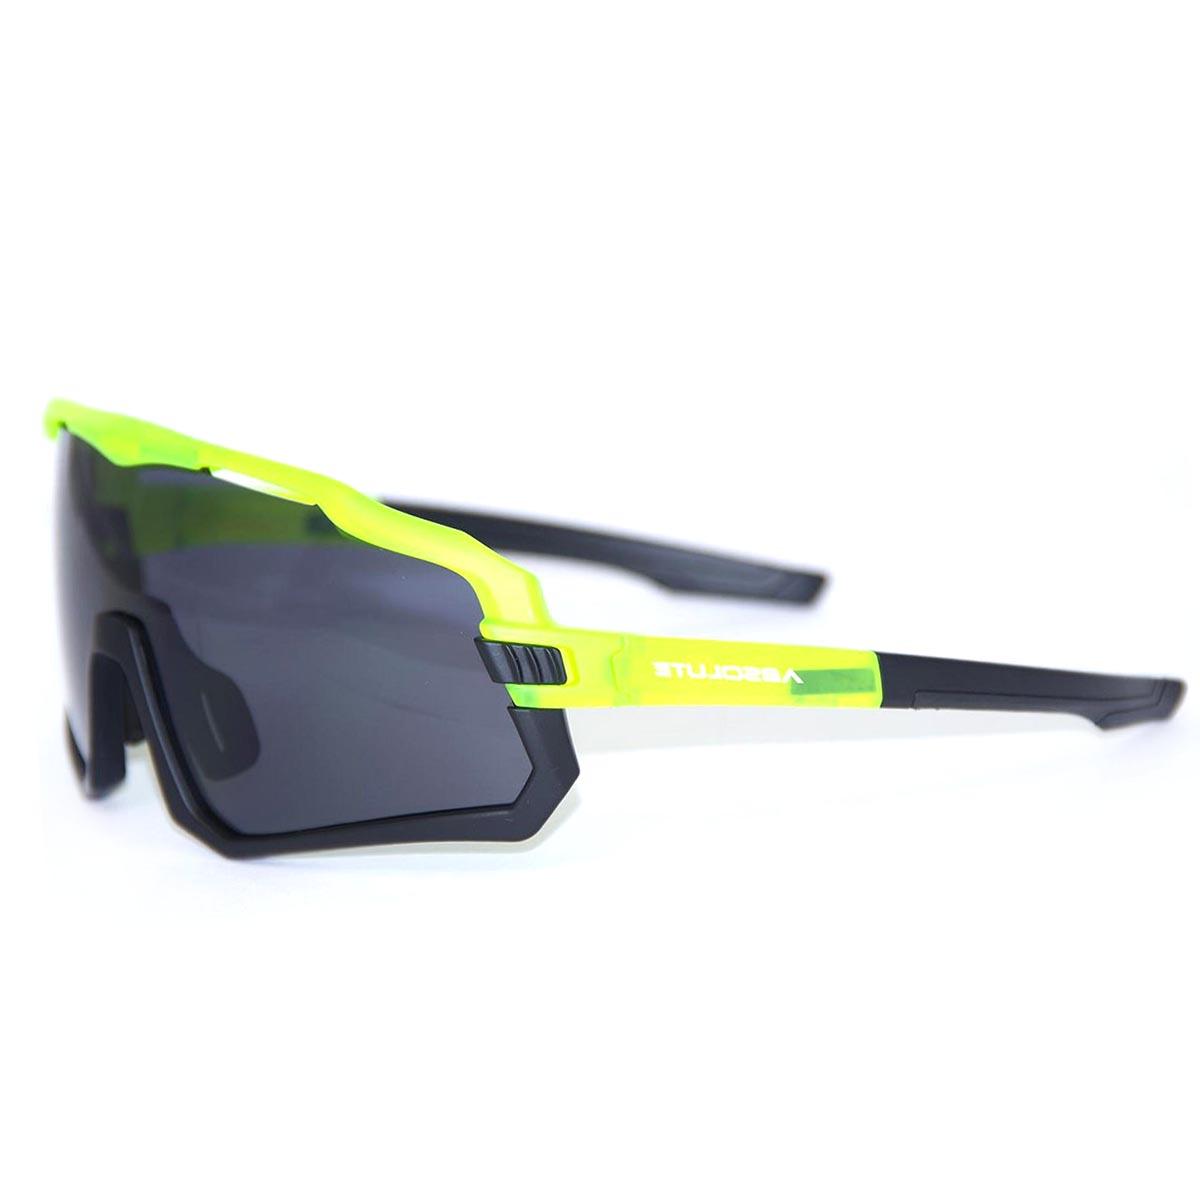 Óculos Ciclismo Absolute Wild Amarelo Neon/Preto Lente Fumê - CICLES ELITON